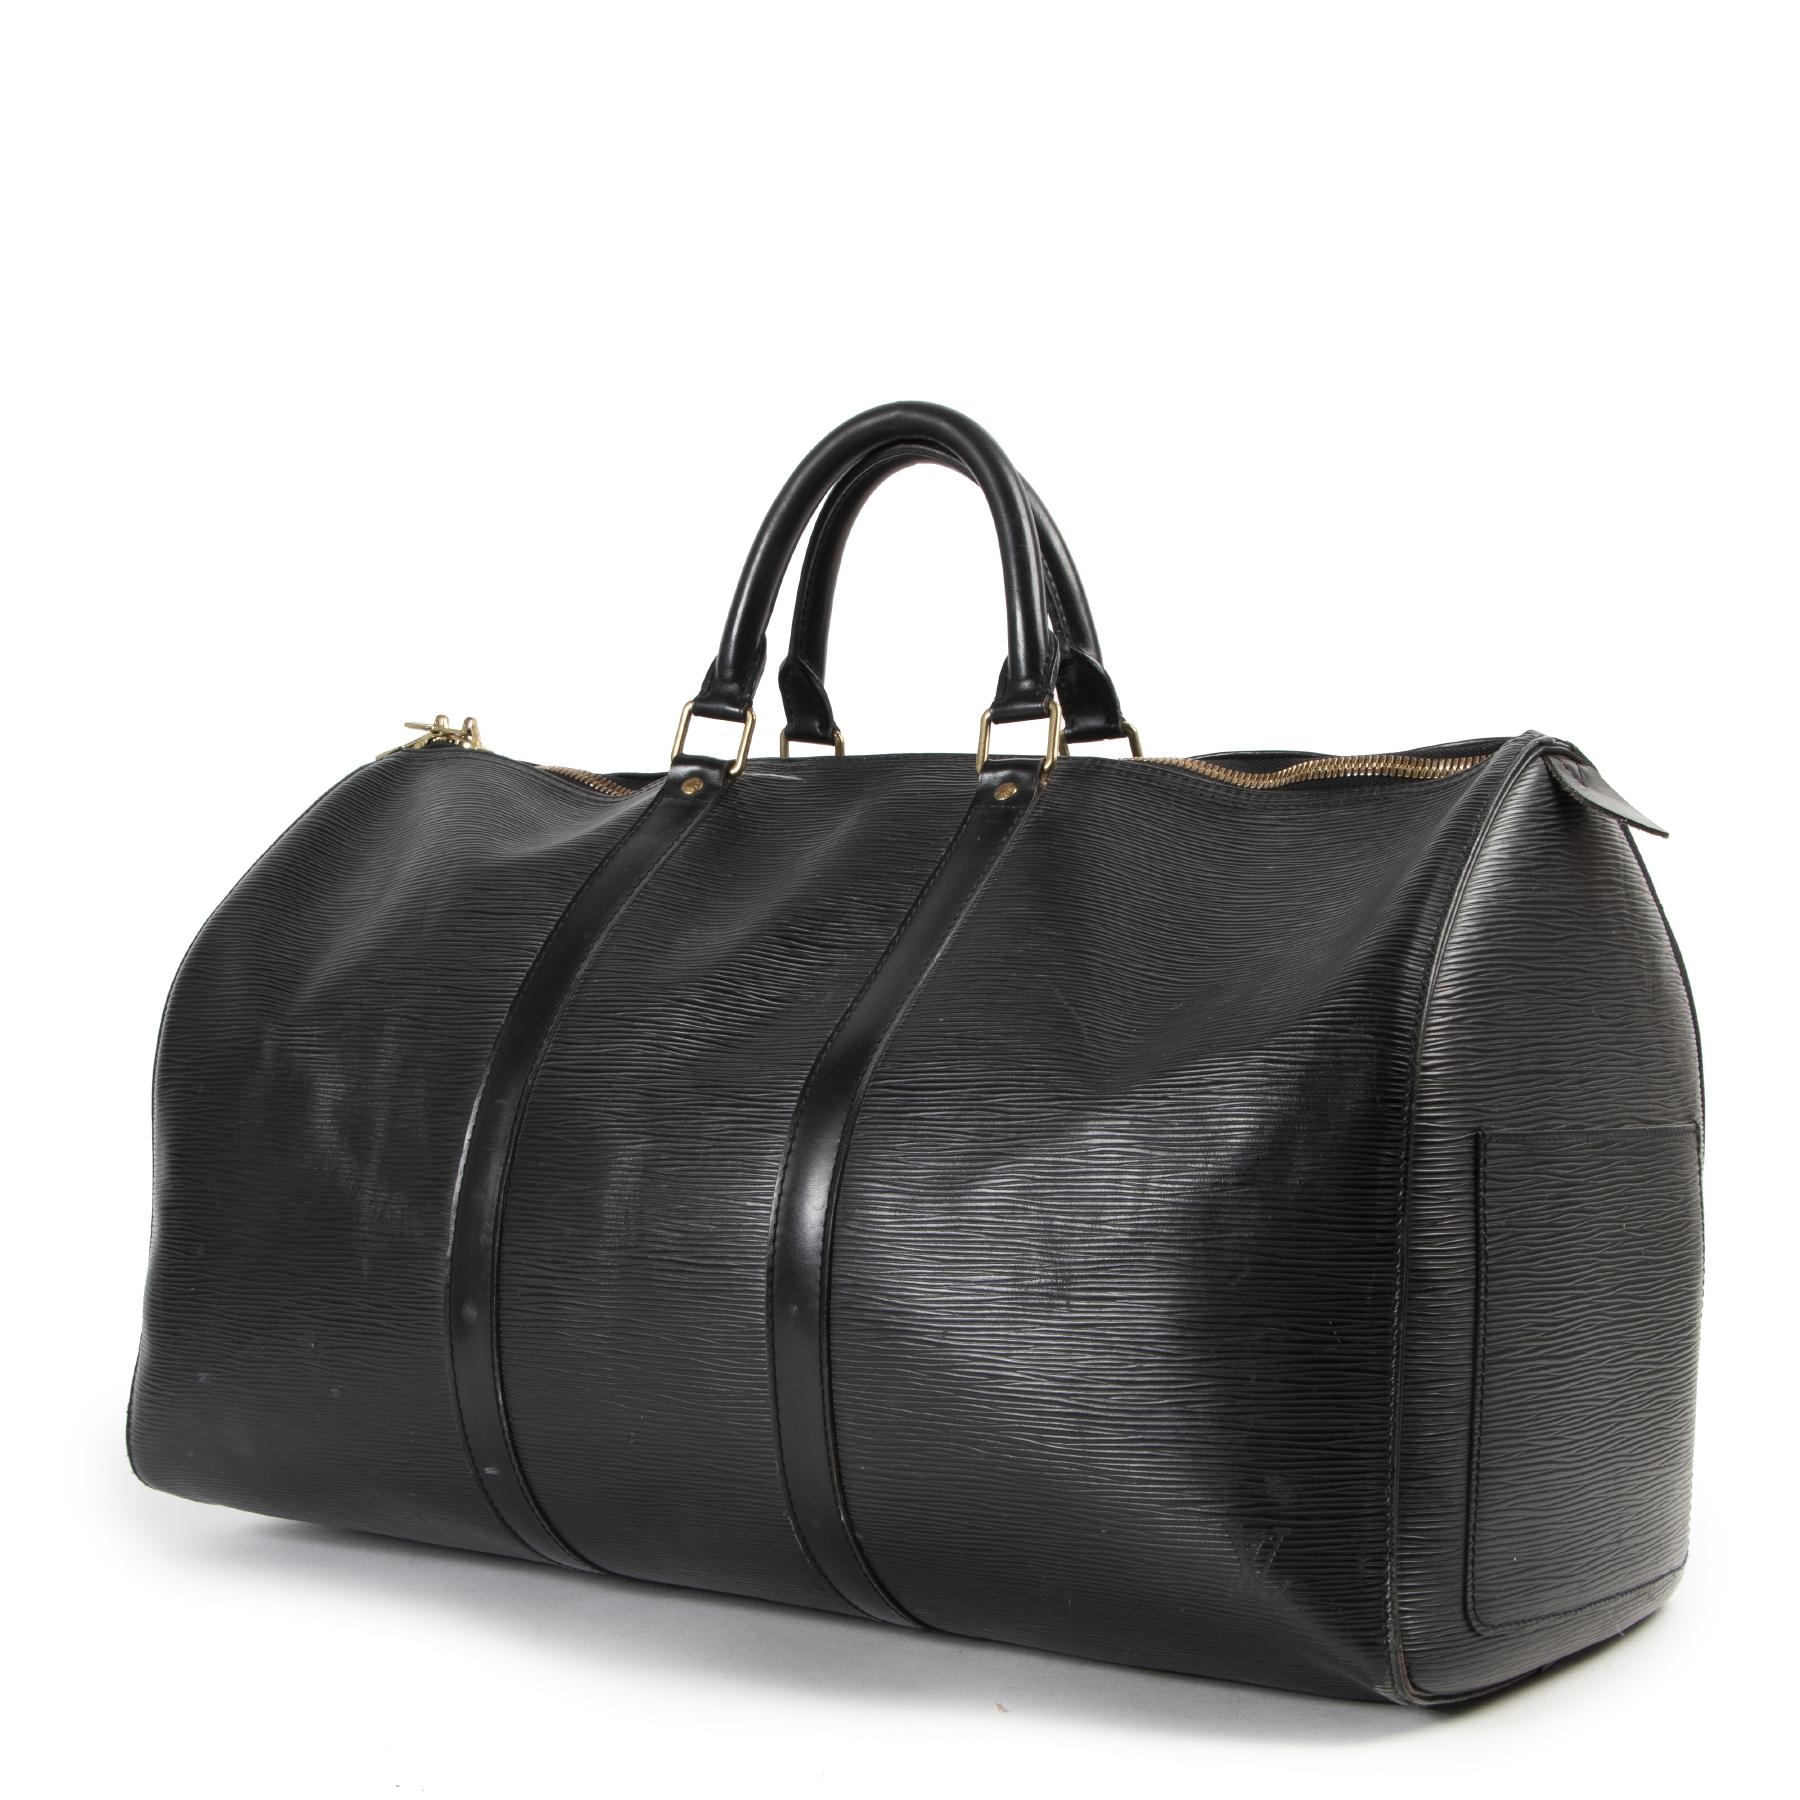 Authentieke Tweedehands Louis Vuitton Black Epi Leather Keepall 55 Travel Bag juiste prijs veilig online shoppen luxe merken webshop winkelen Antwerpen België mode fashion